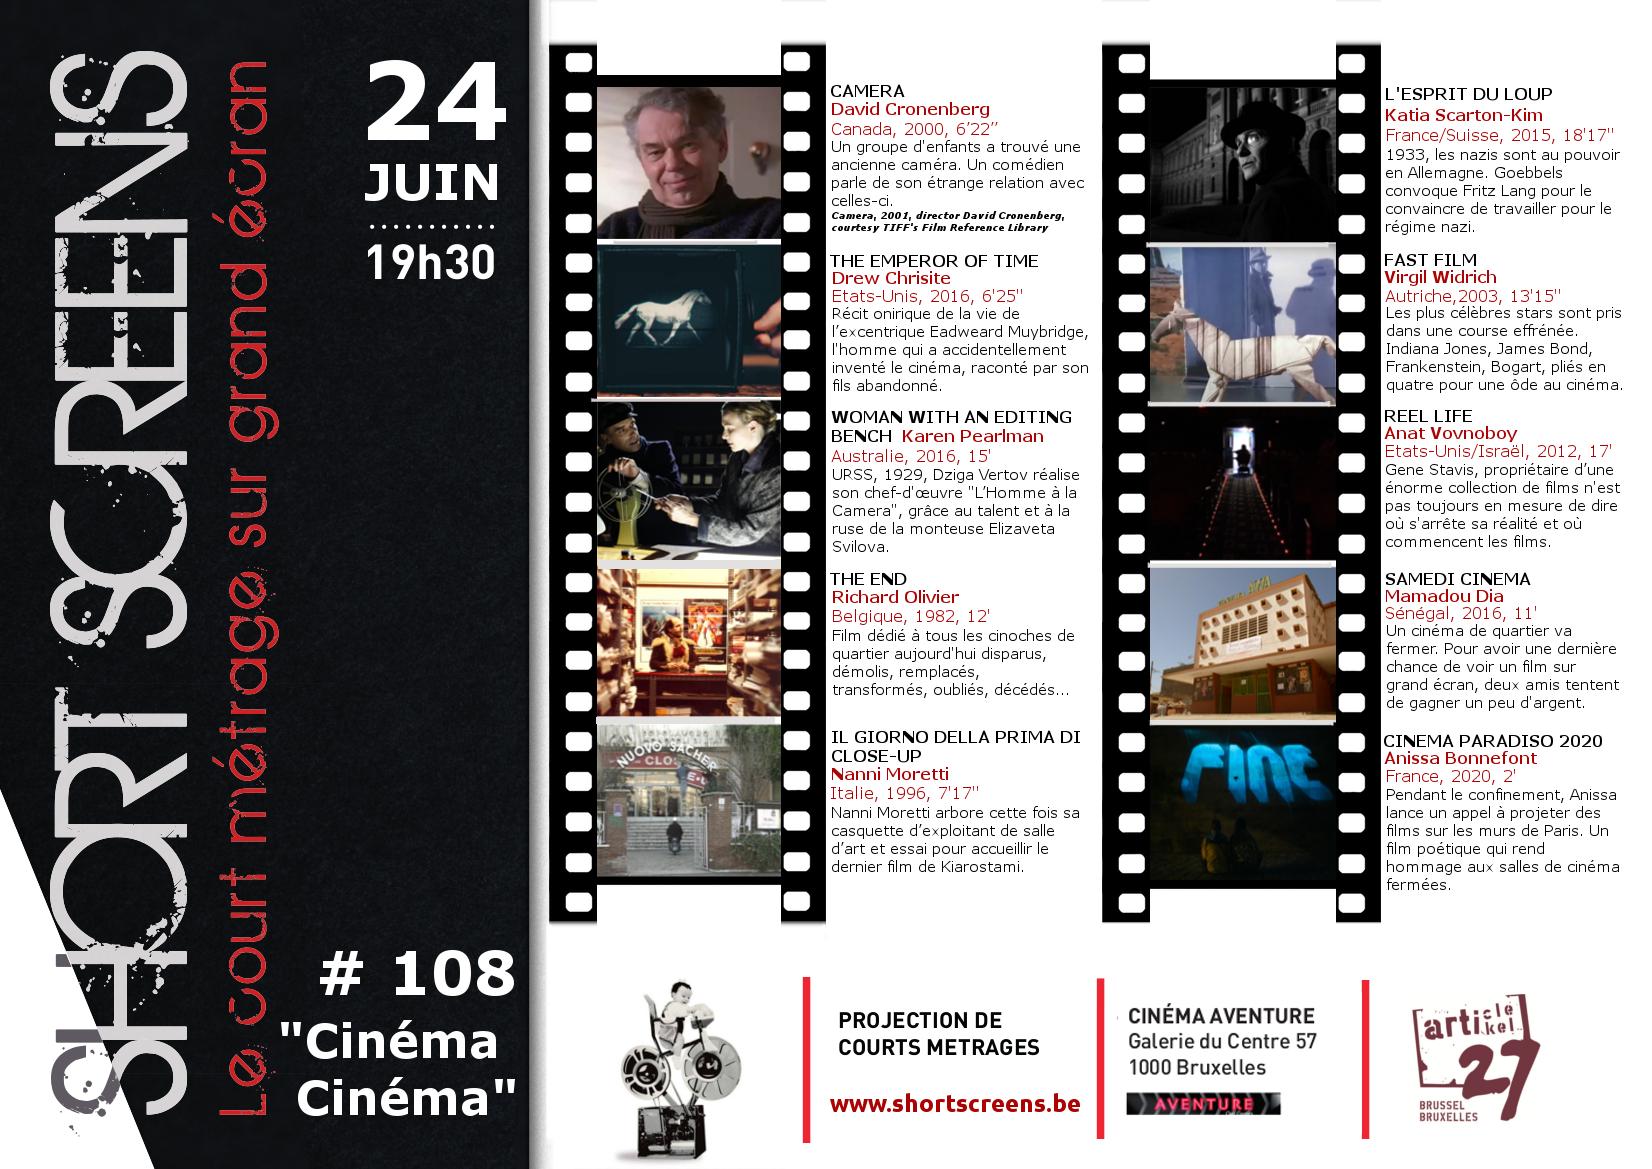 A3 # 108 Cinéma Cinéma